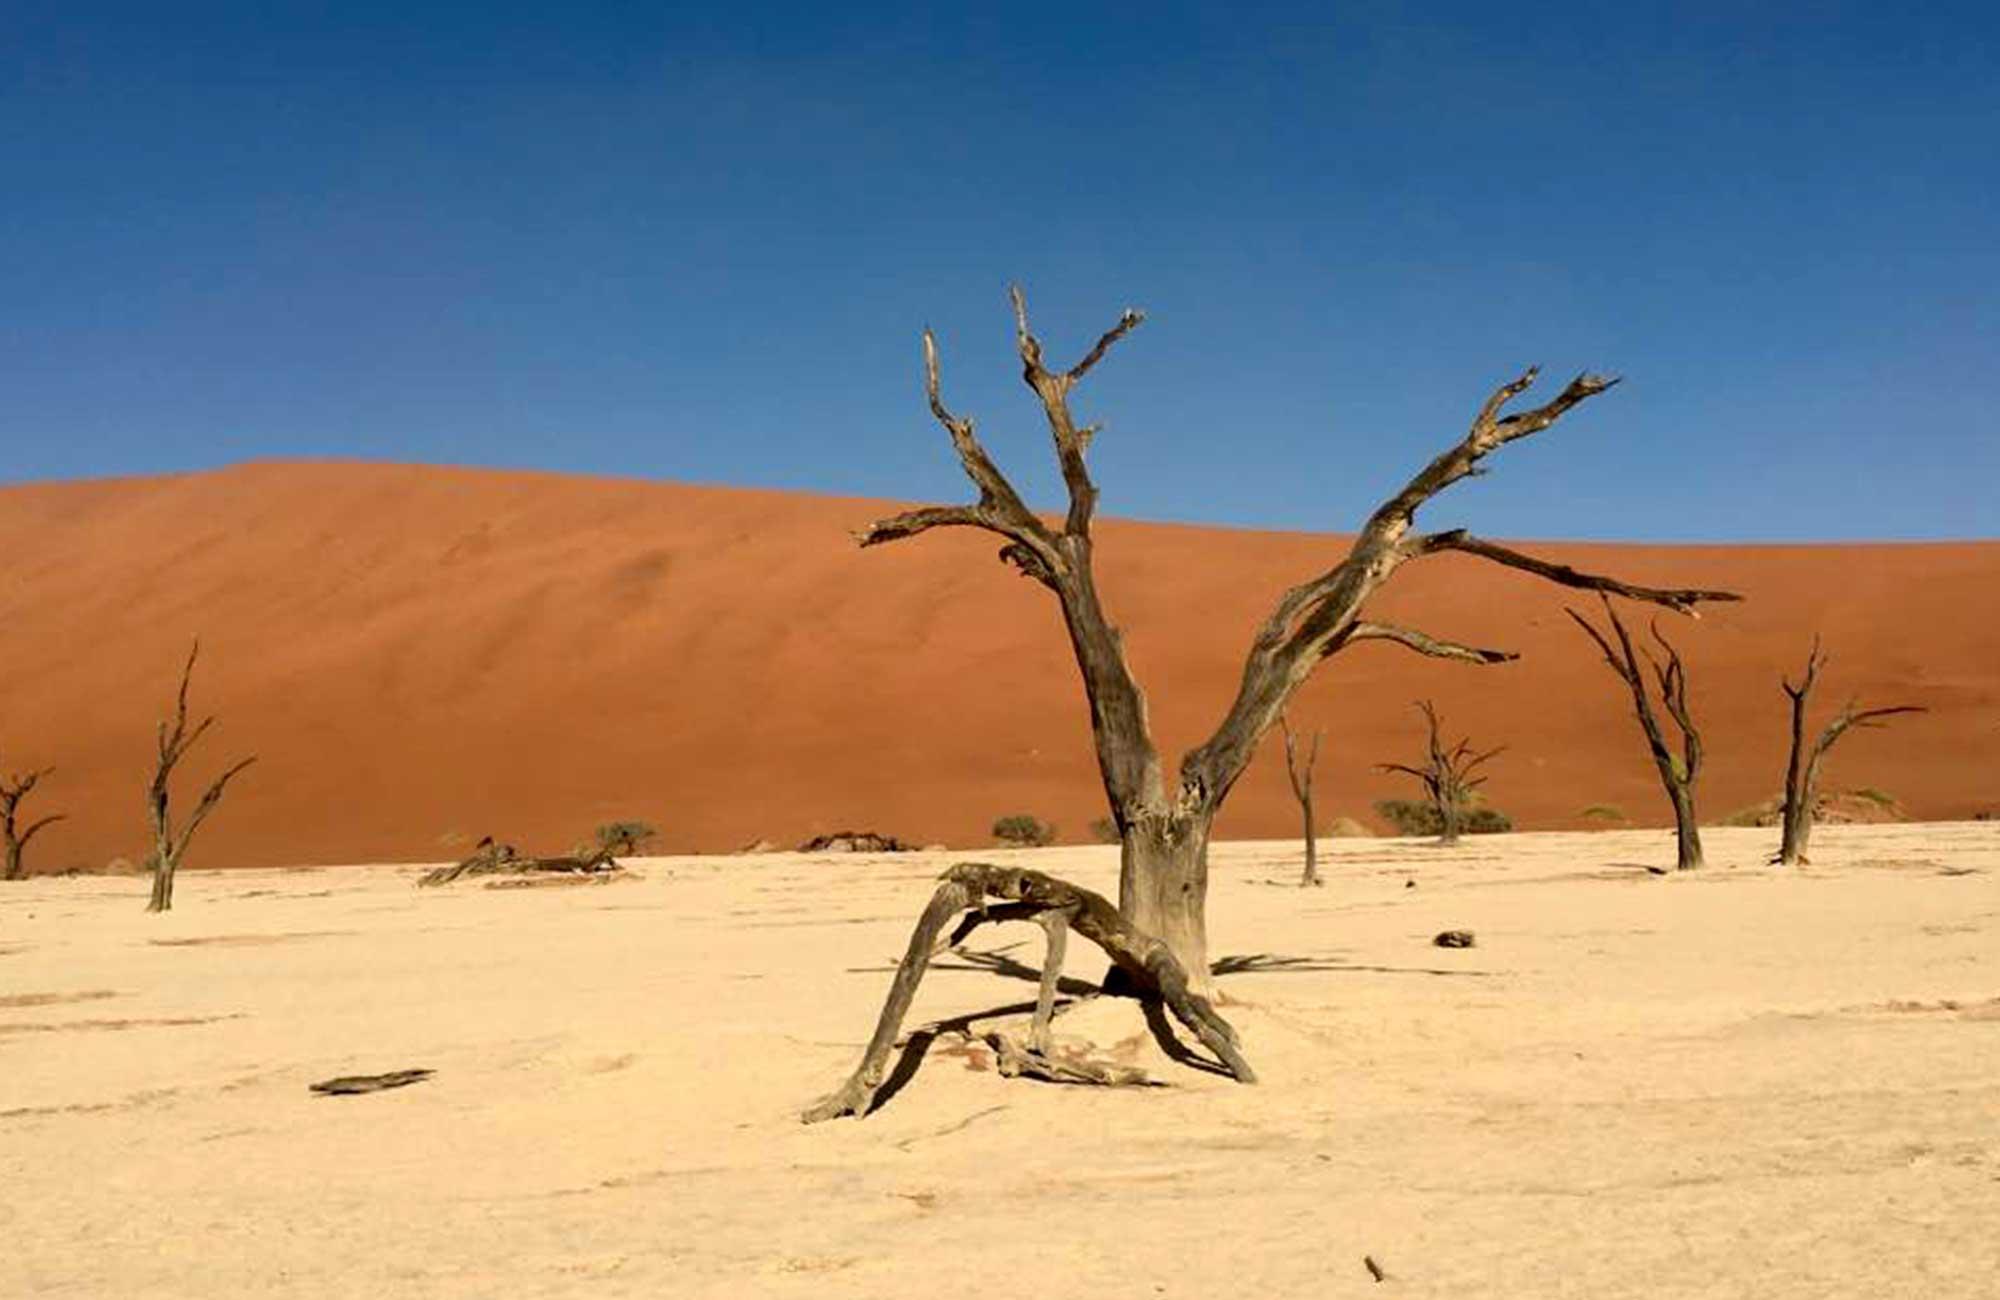 Voyage Namibie - Arbre pétrifié Désert du Namib - Amplitudes